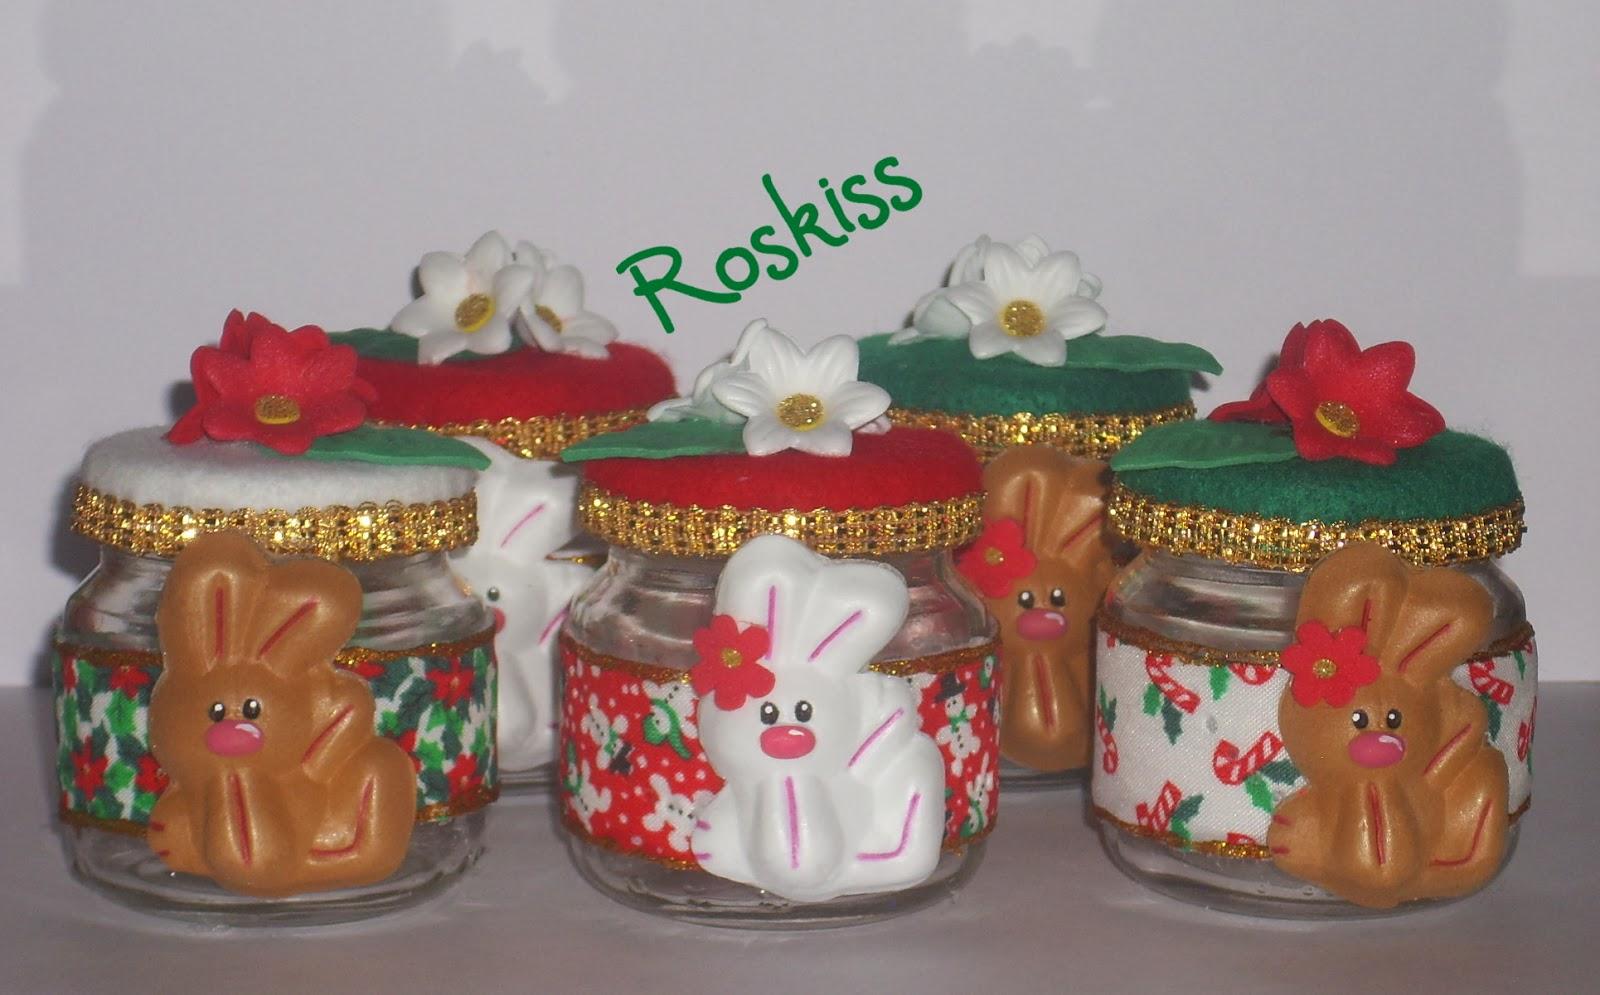 El atelier de roskiss dulceros navide os - Trabajos manuales para navidad economicos ...